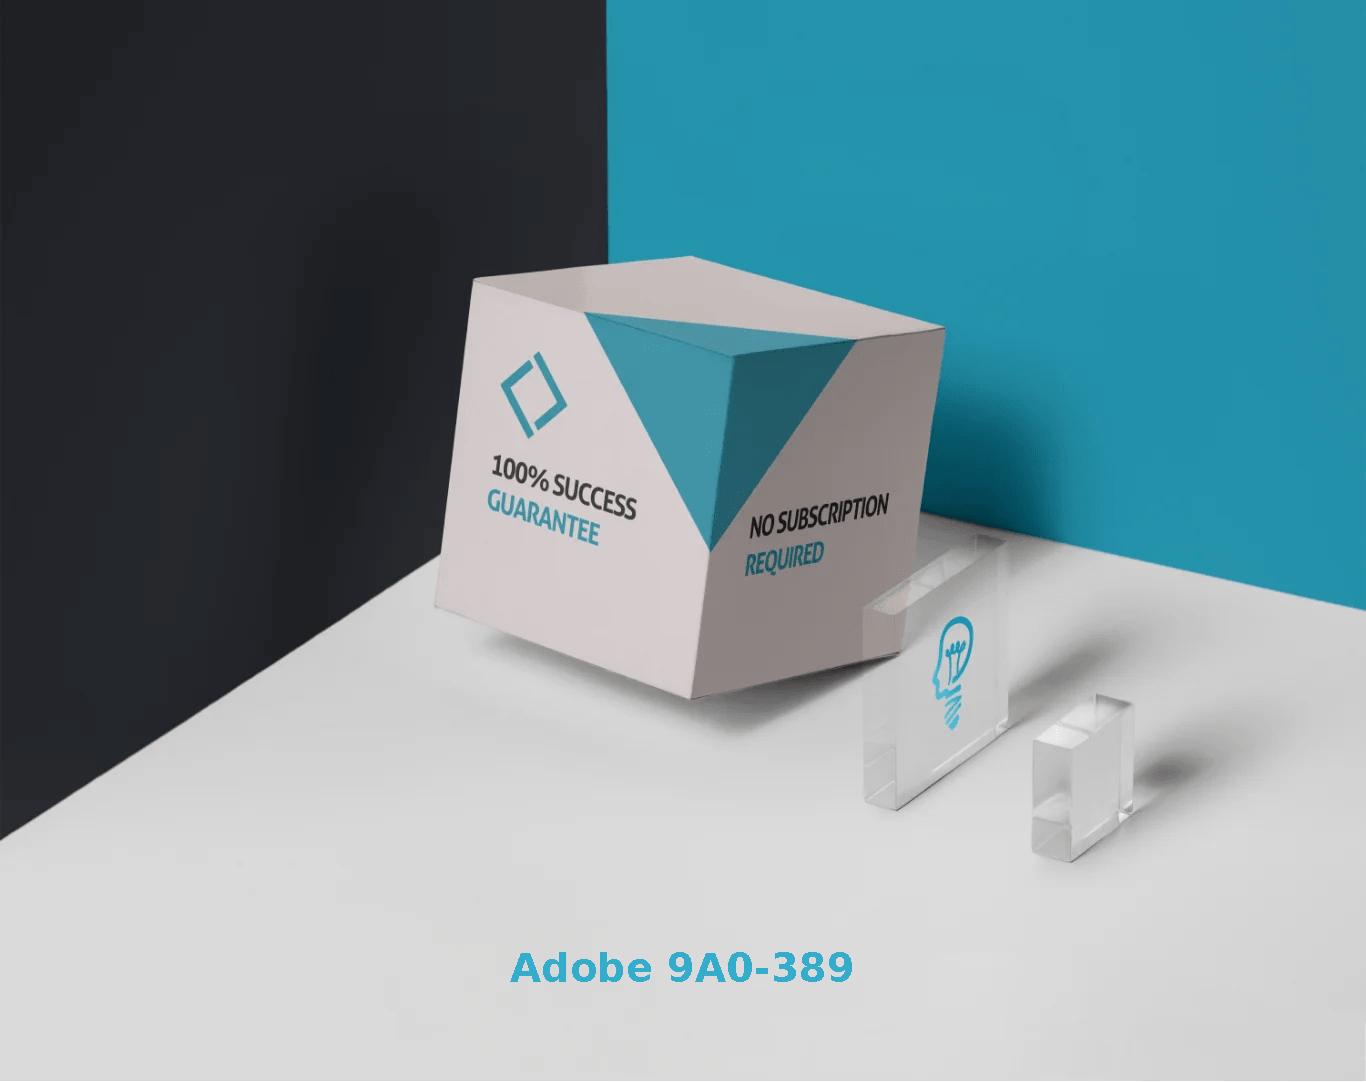 Adobe 9A0-389 Exams